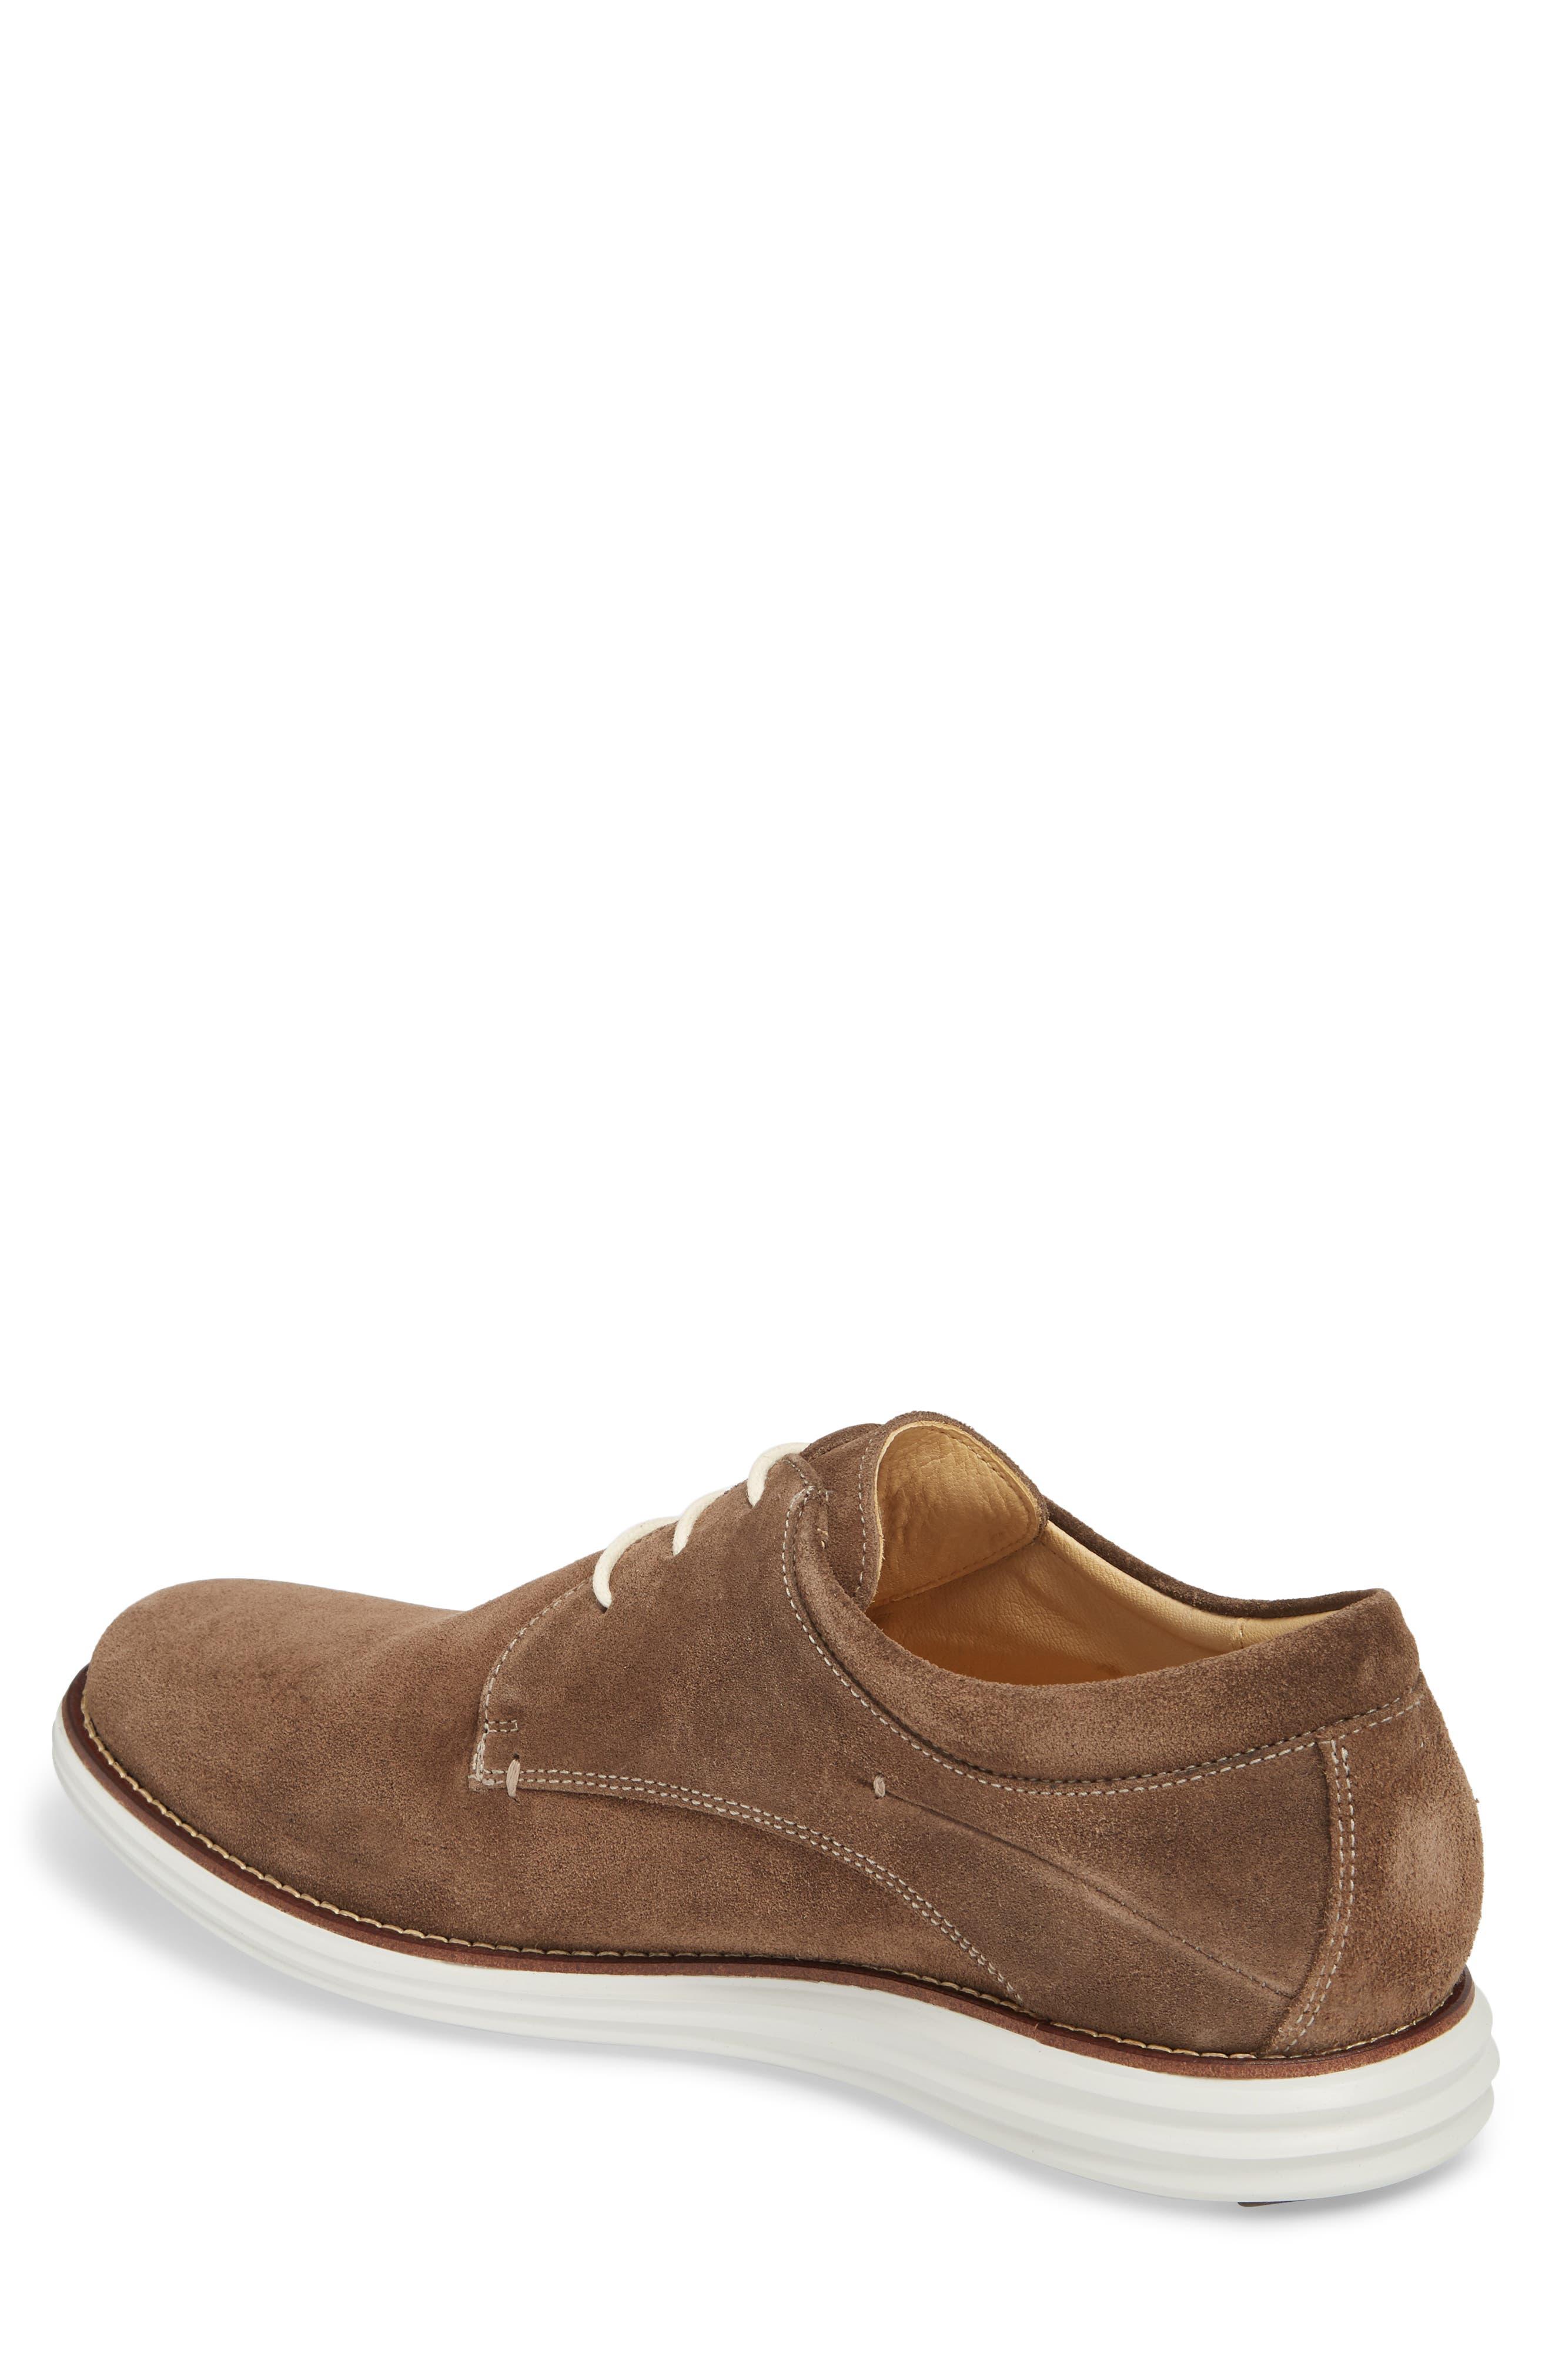 Planalto Plain Toe Derby,                             Alternate thumbnail 2, color,                             Suede Truffle Leather